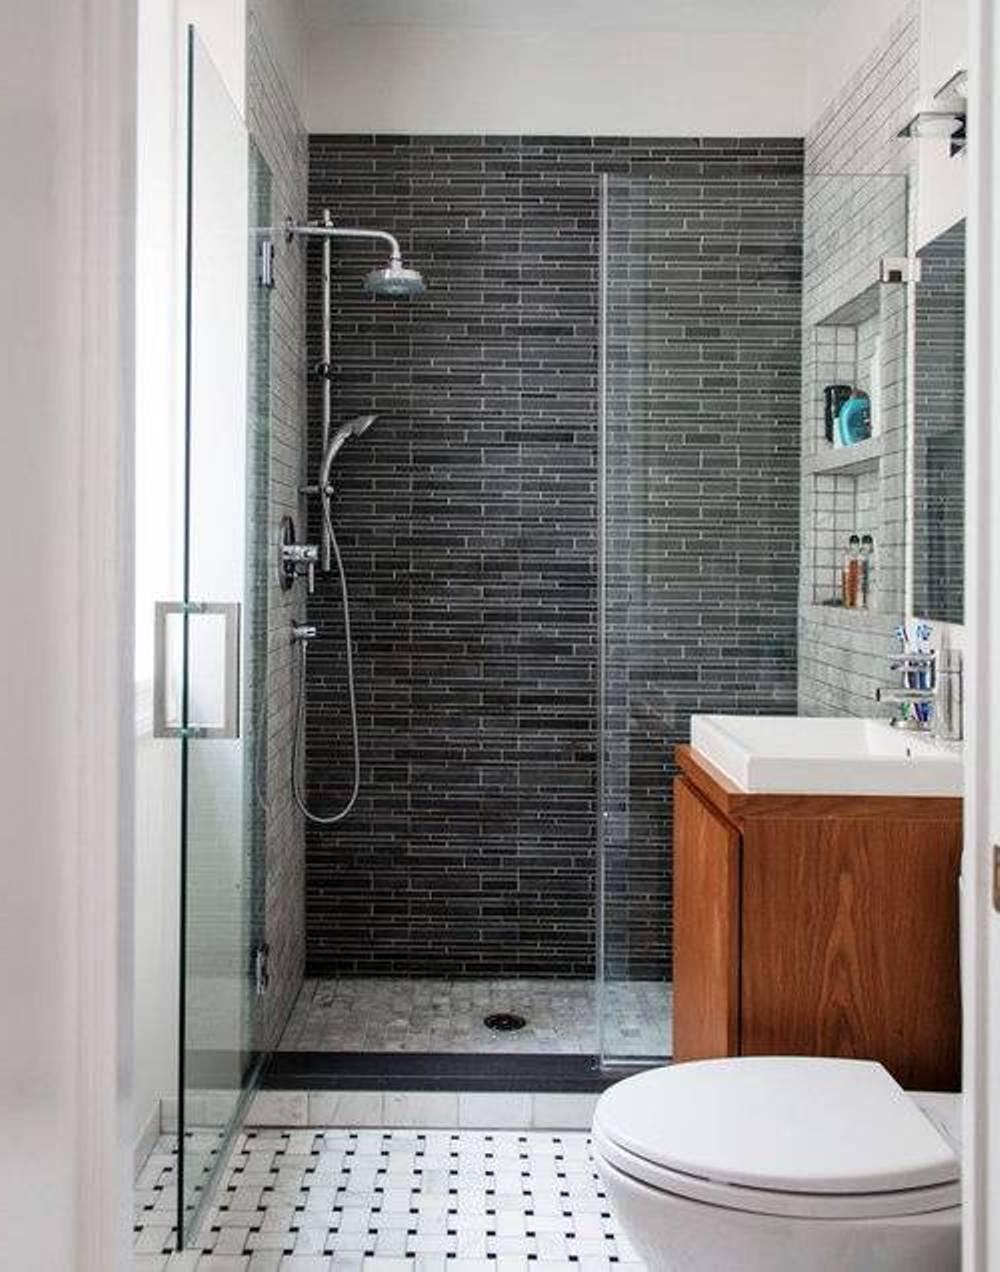 30 Best Small Bathroom Ideas on Simple Small Bathroom Ideas  id=96190